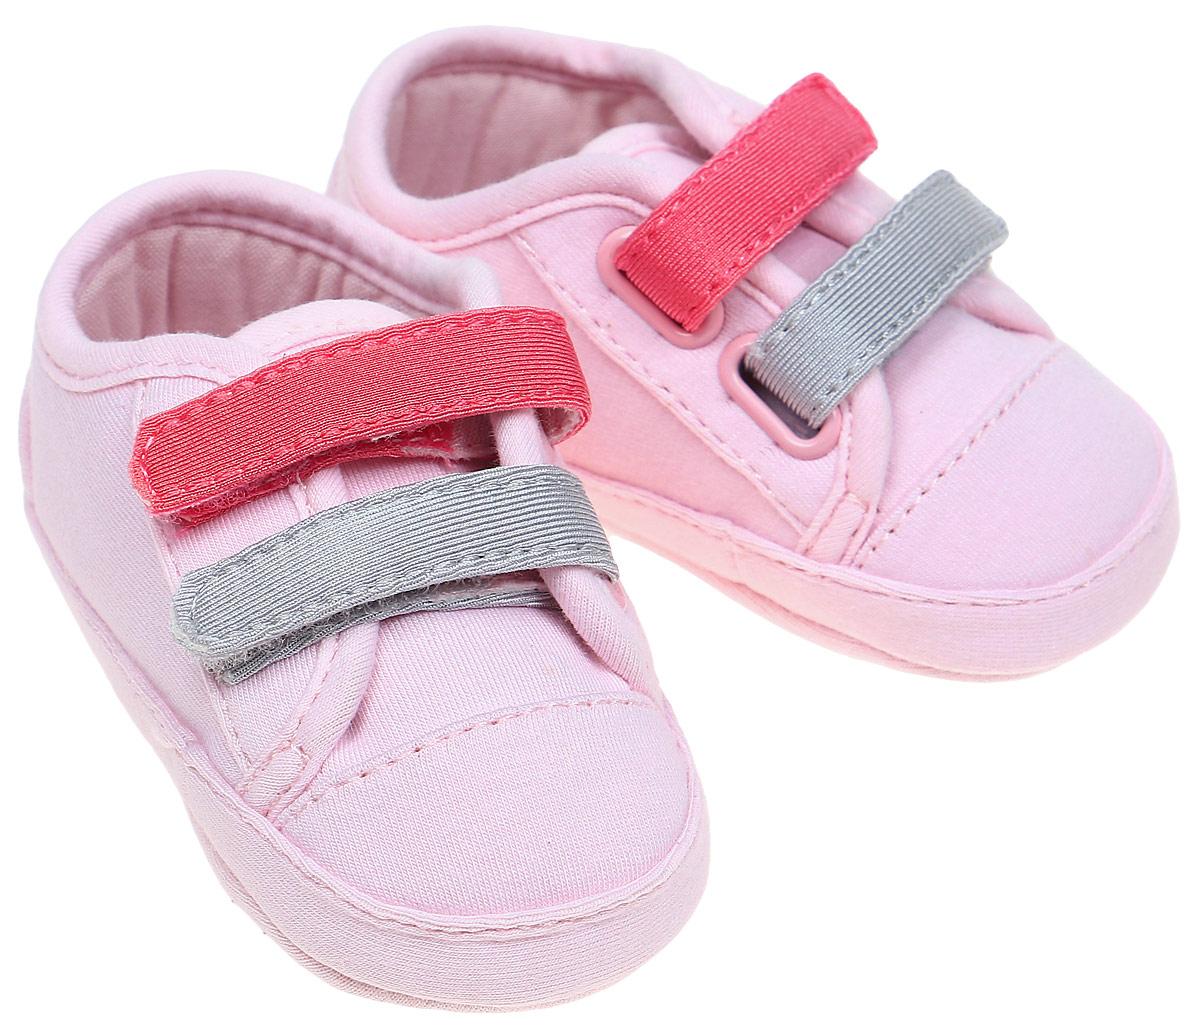 Пинетки детские United Colors of Benetton, цвет: розовый. 8H8CN1087. Размер 178H8CN1087Пинетки детские United Colors of Benetton выполнены из текстиля. Модель застегивается на липучки.